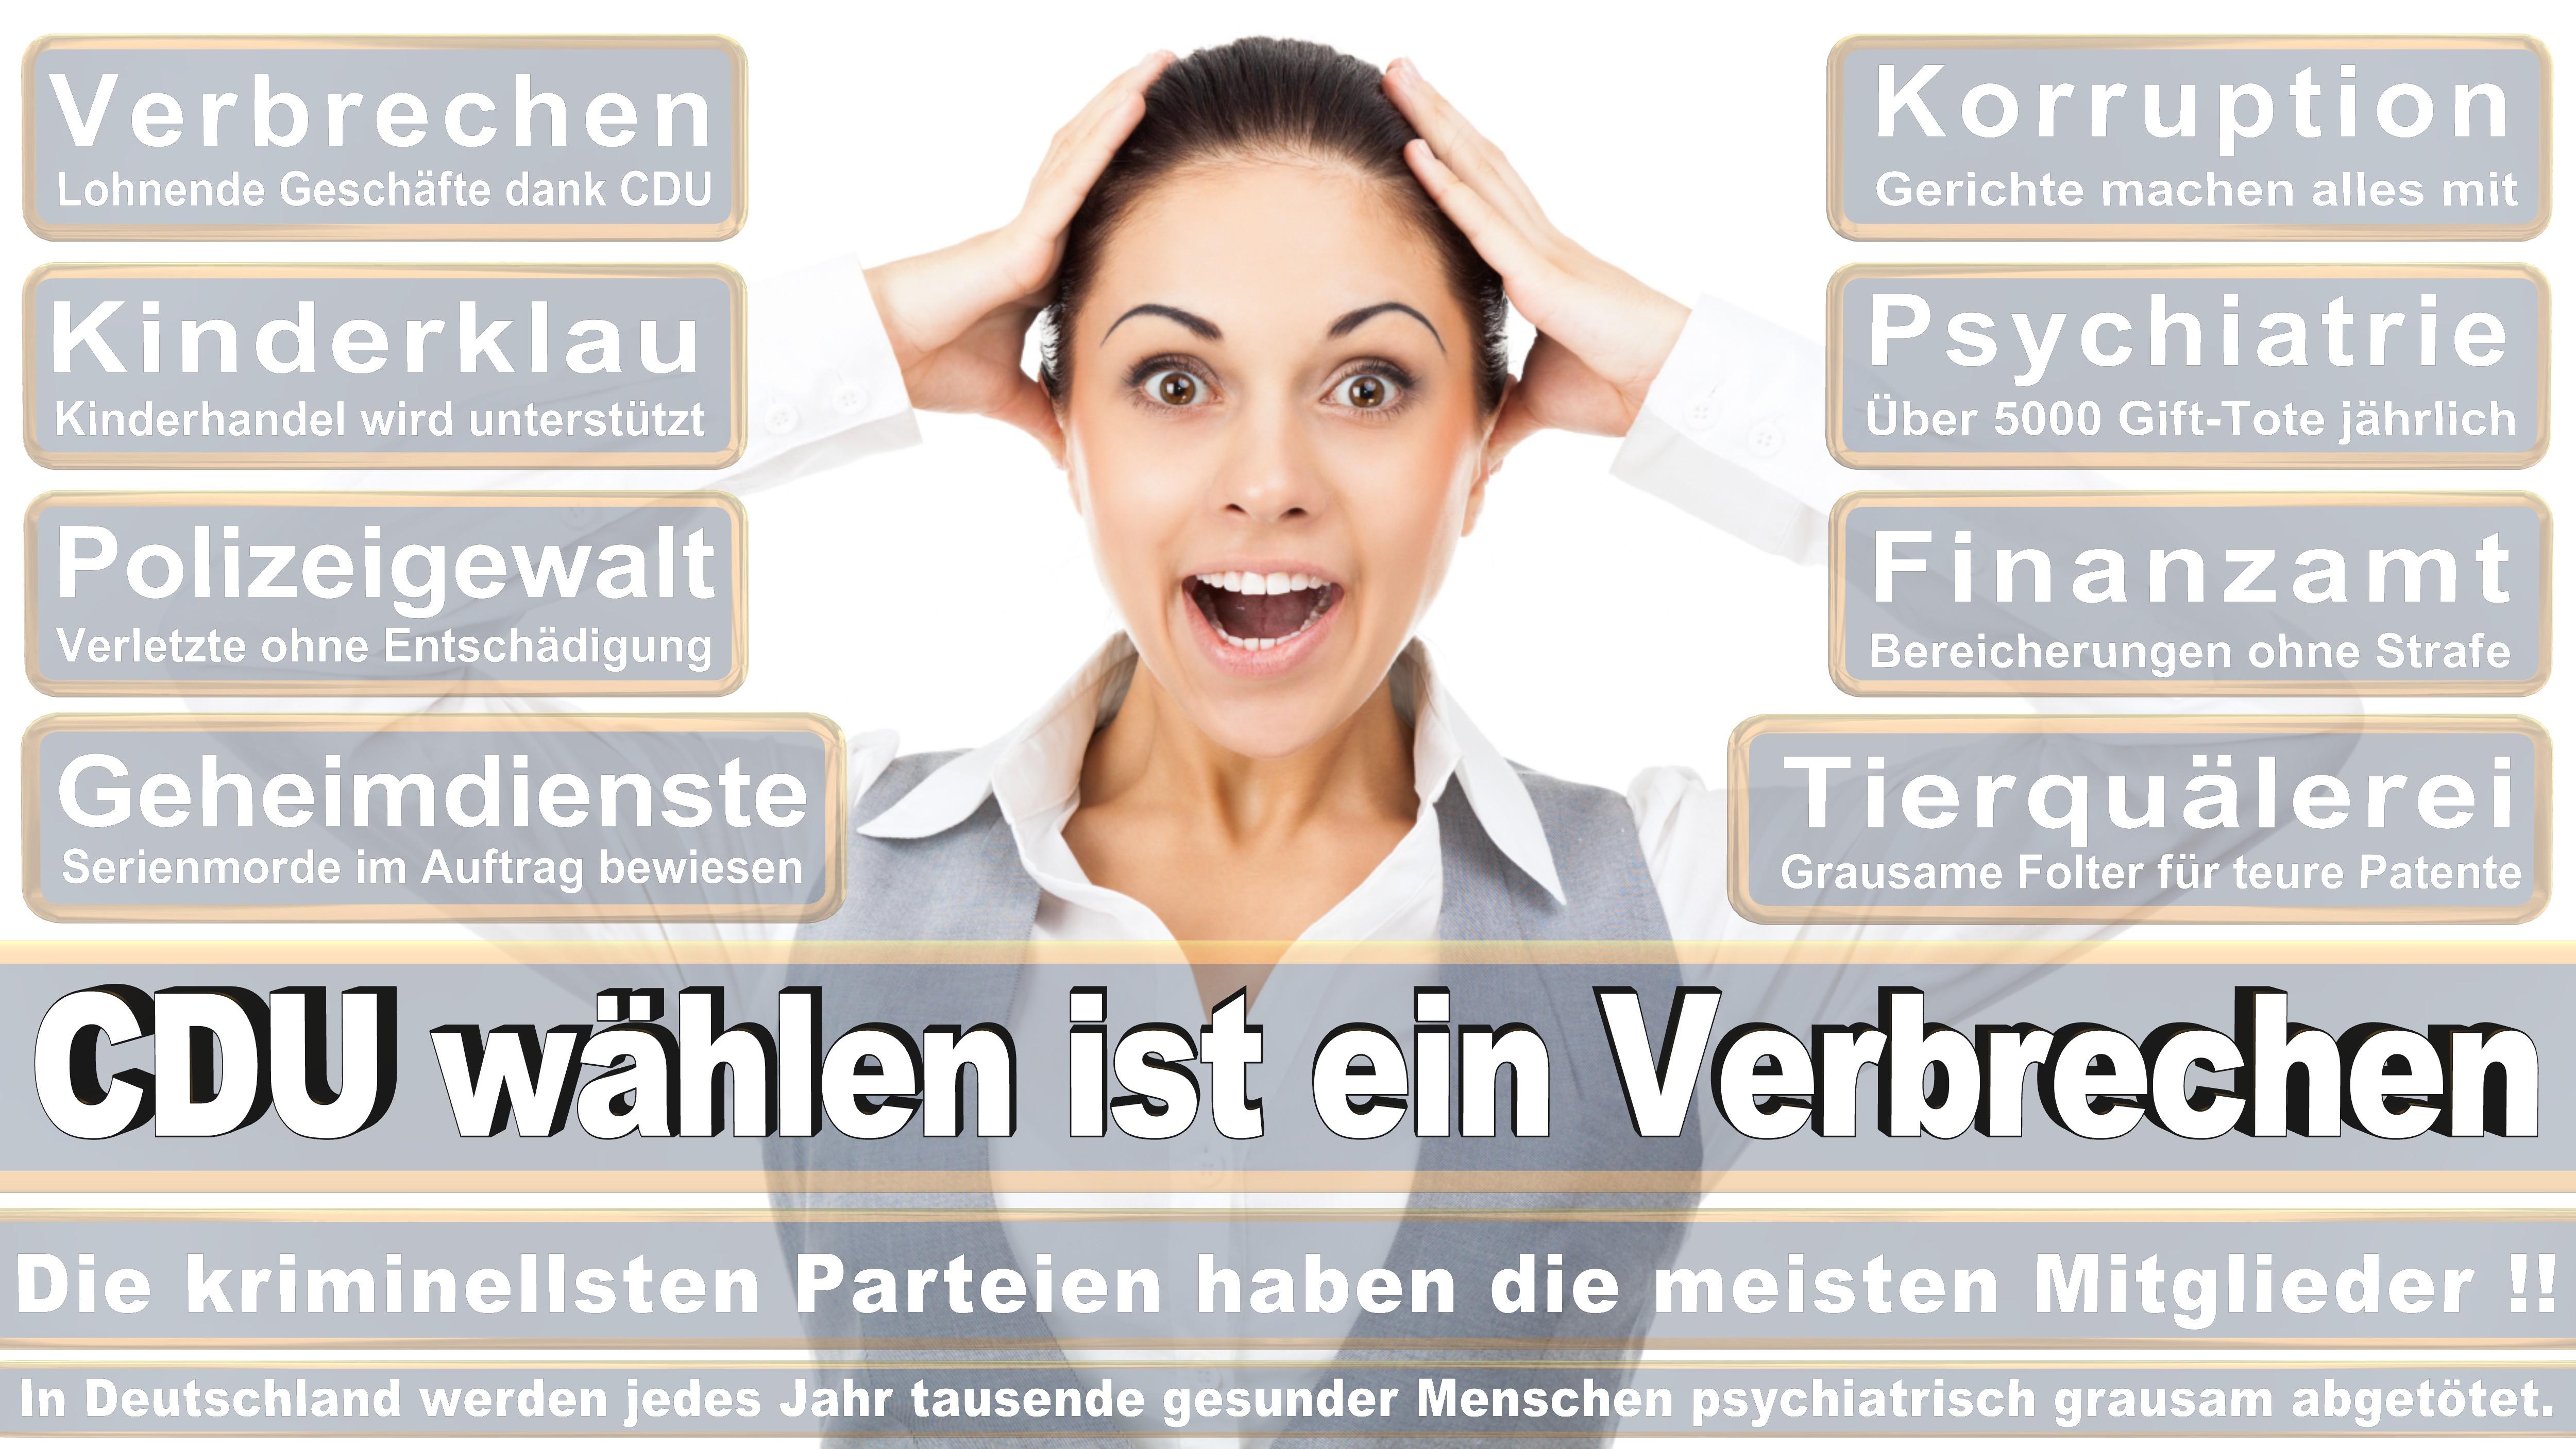 Karin Maag CDU CSU Politiker